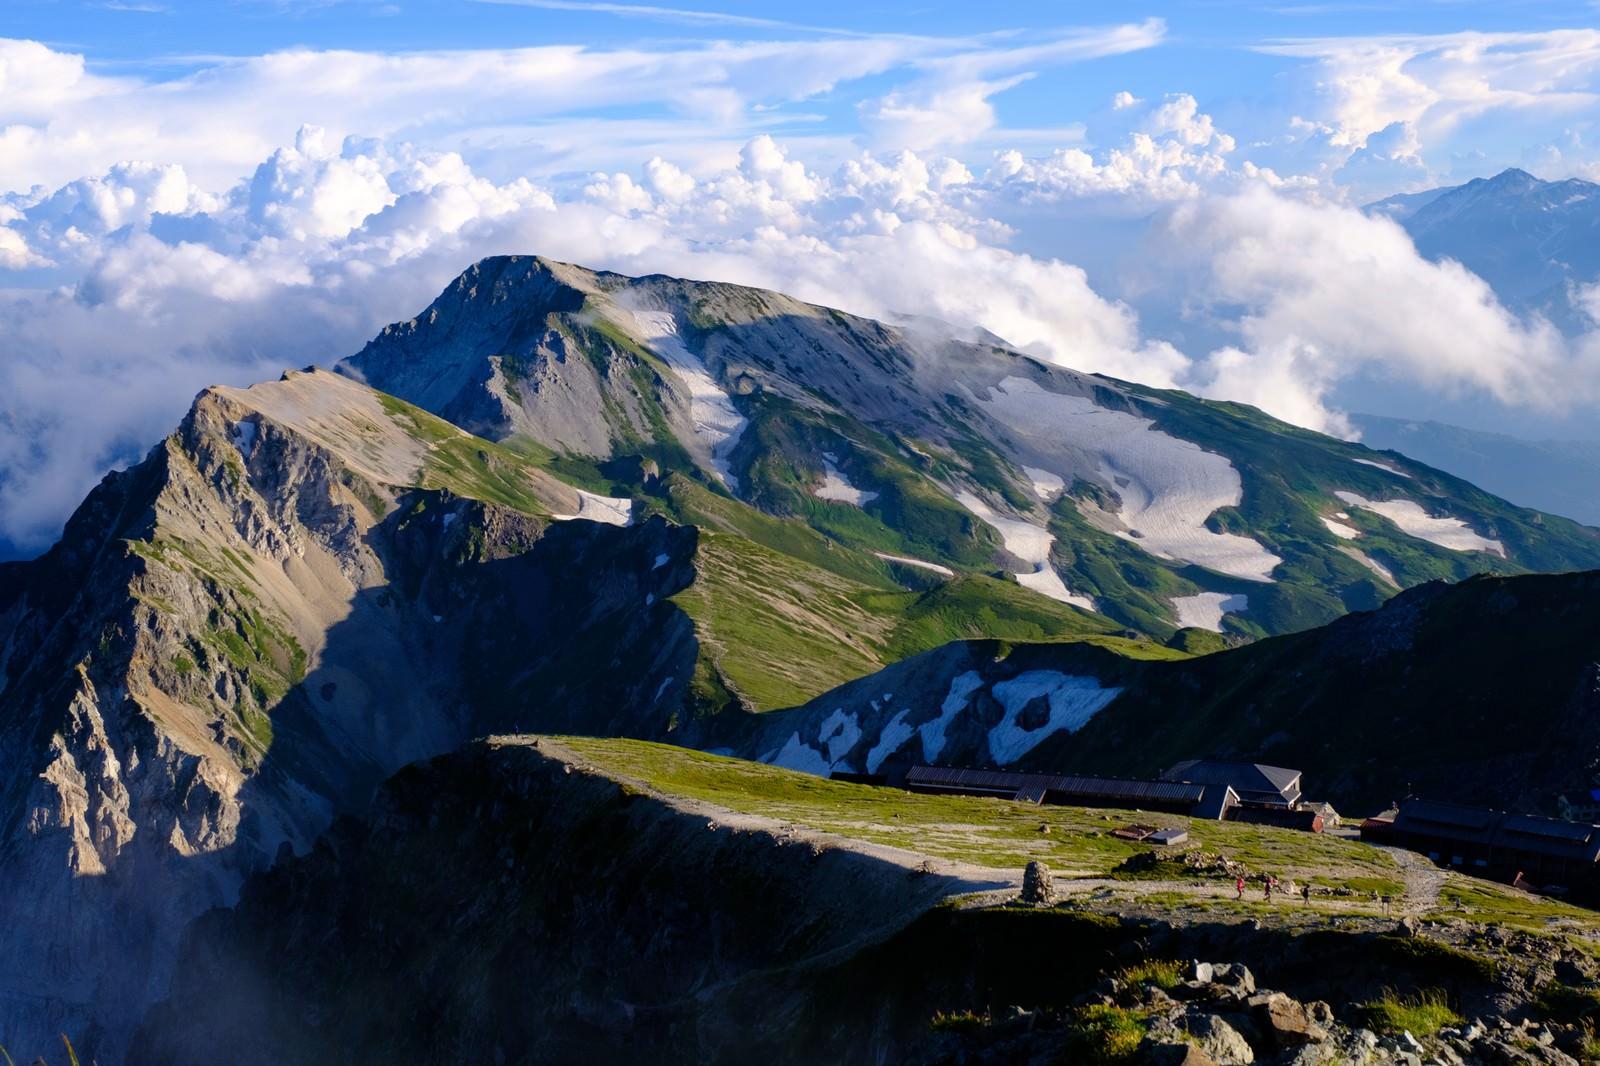 「白馬岳(しろうまだけ)山頂からの白馬連峰と白馬山荘」の写真